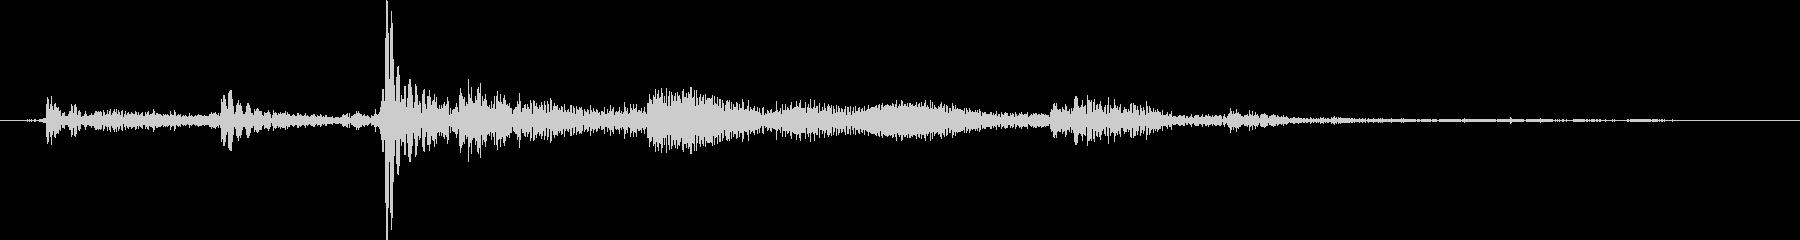 コトッとカギを置いた音2mの未再生の波形